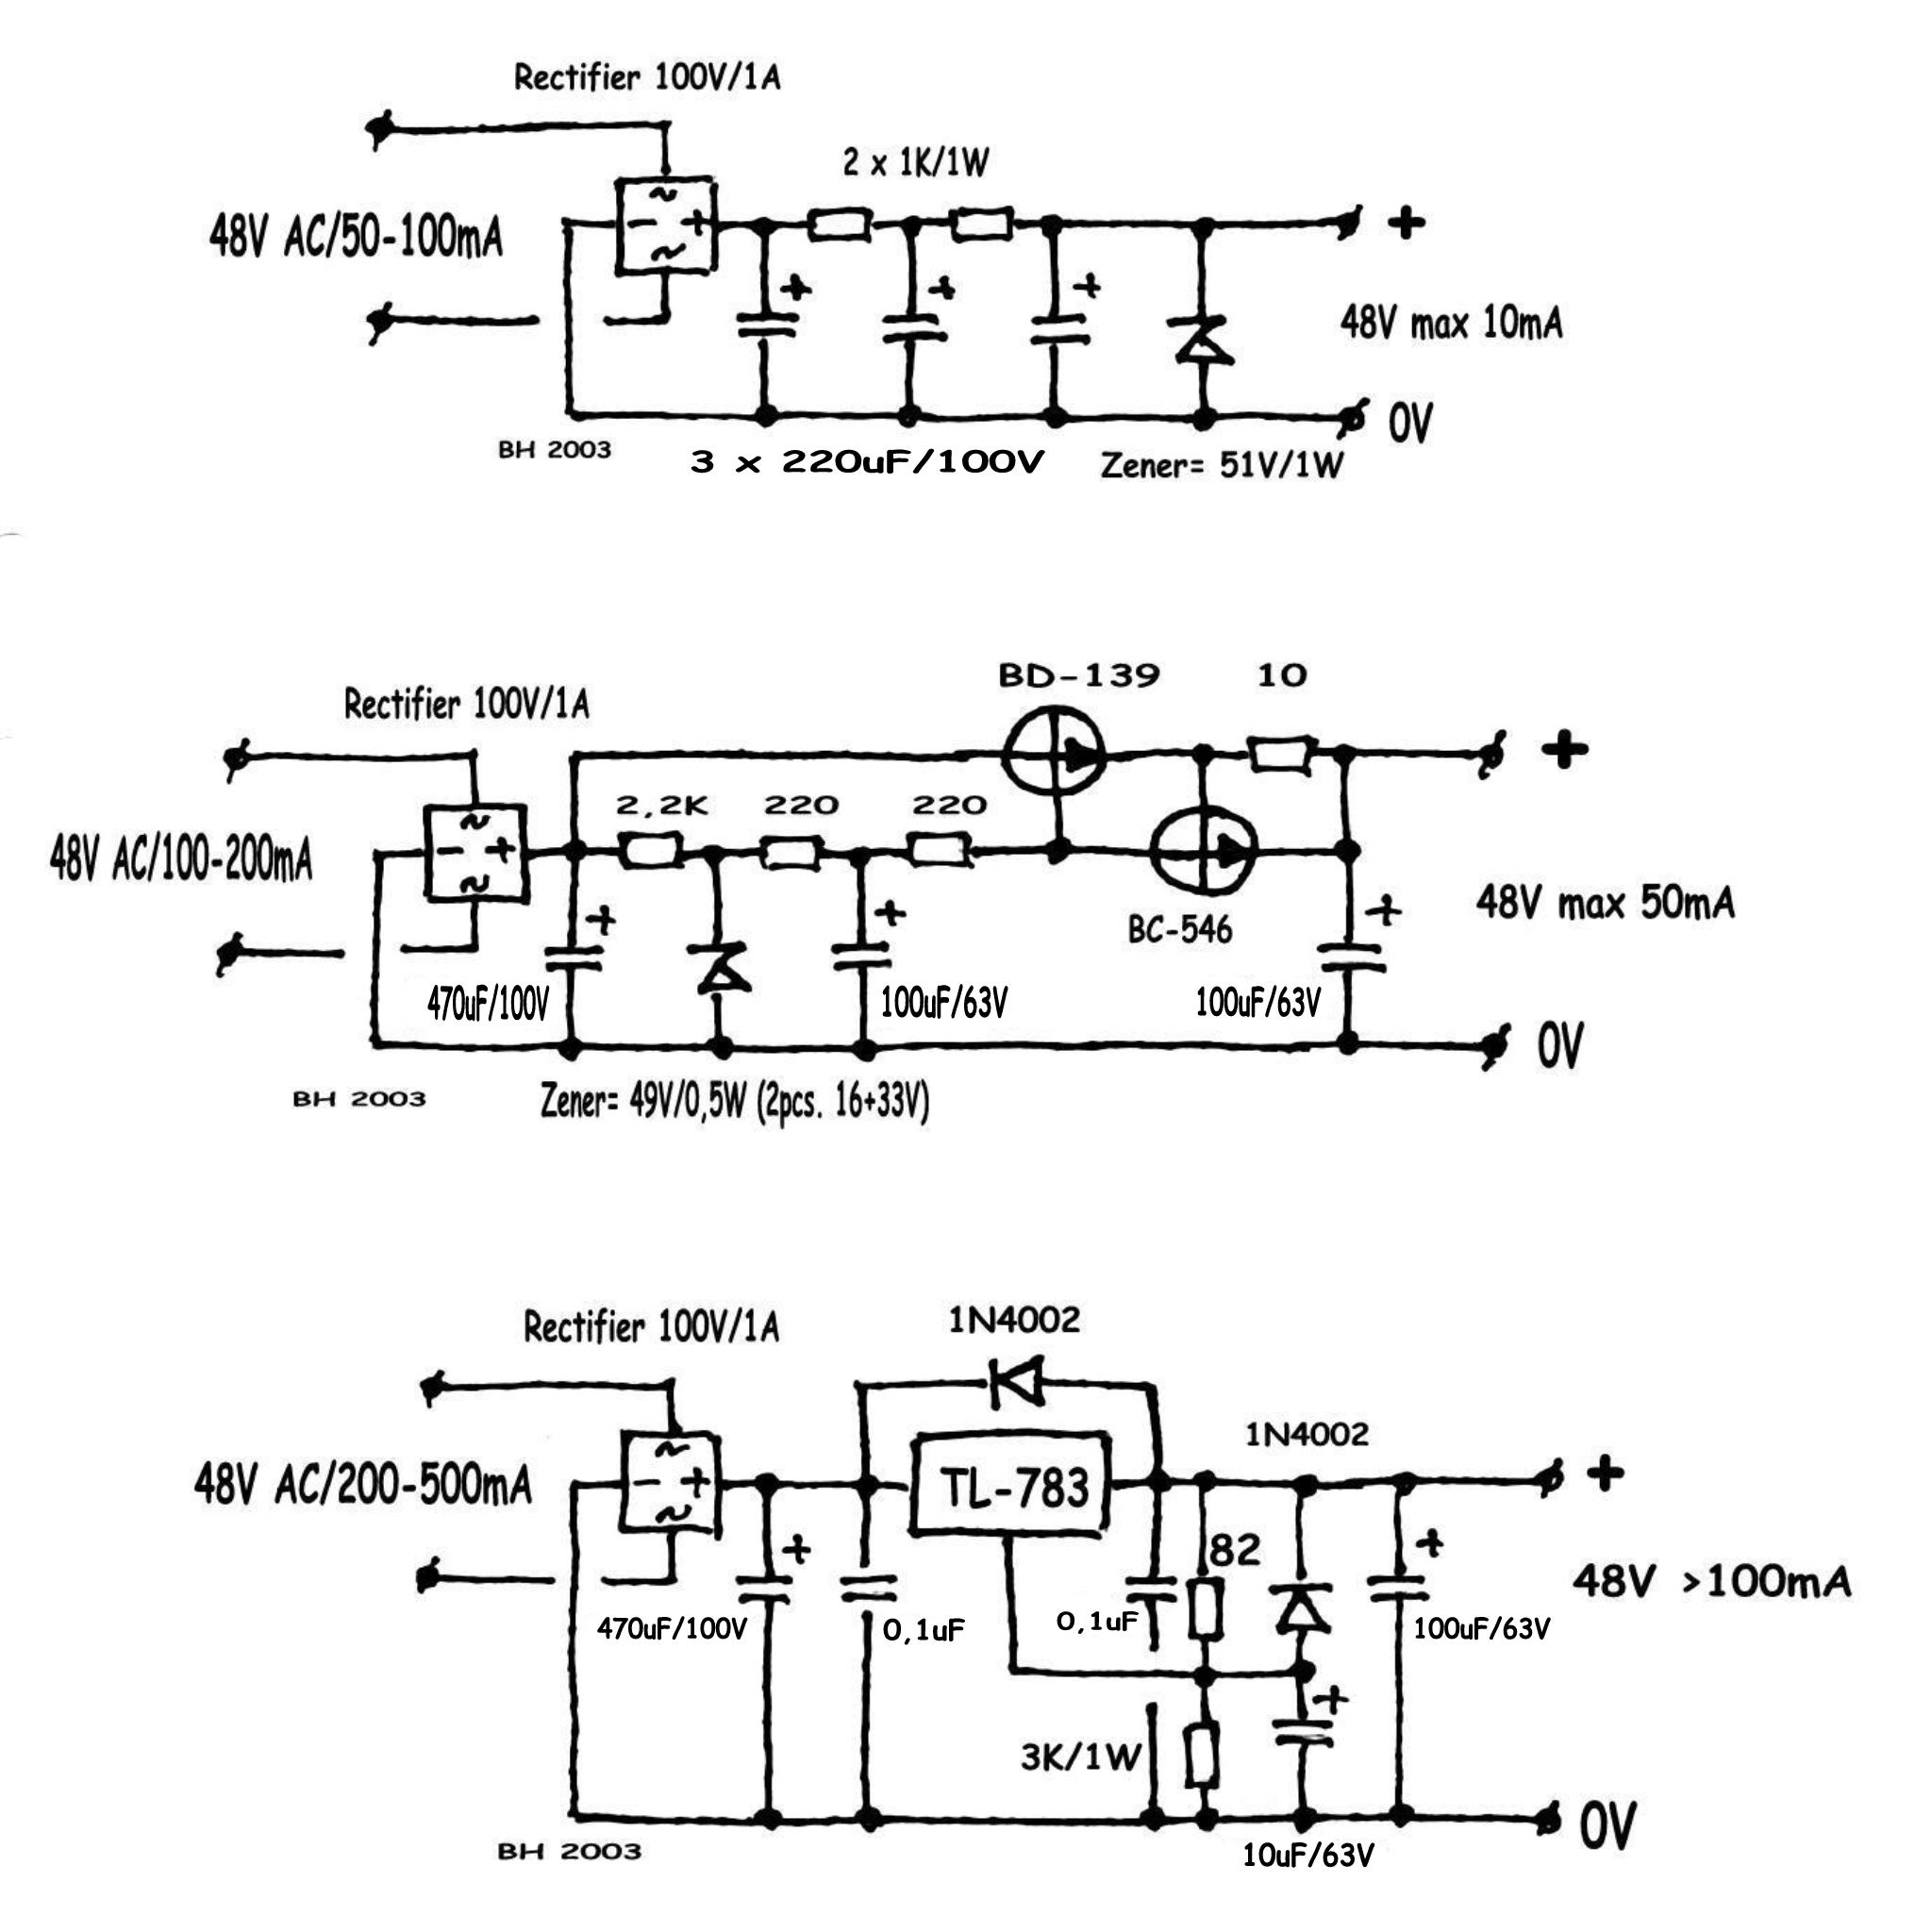 Phantom Power Wiring Diagram Libraries Circuit Schematics Electret Microphone Condenser Hans N Audio Gothenburg